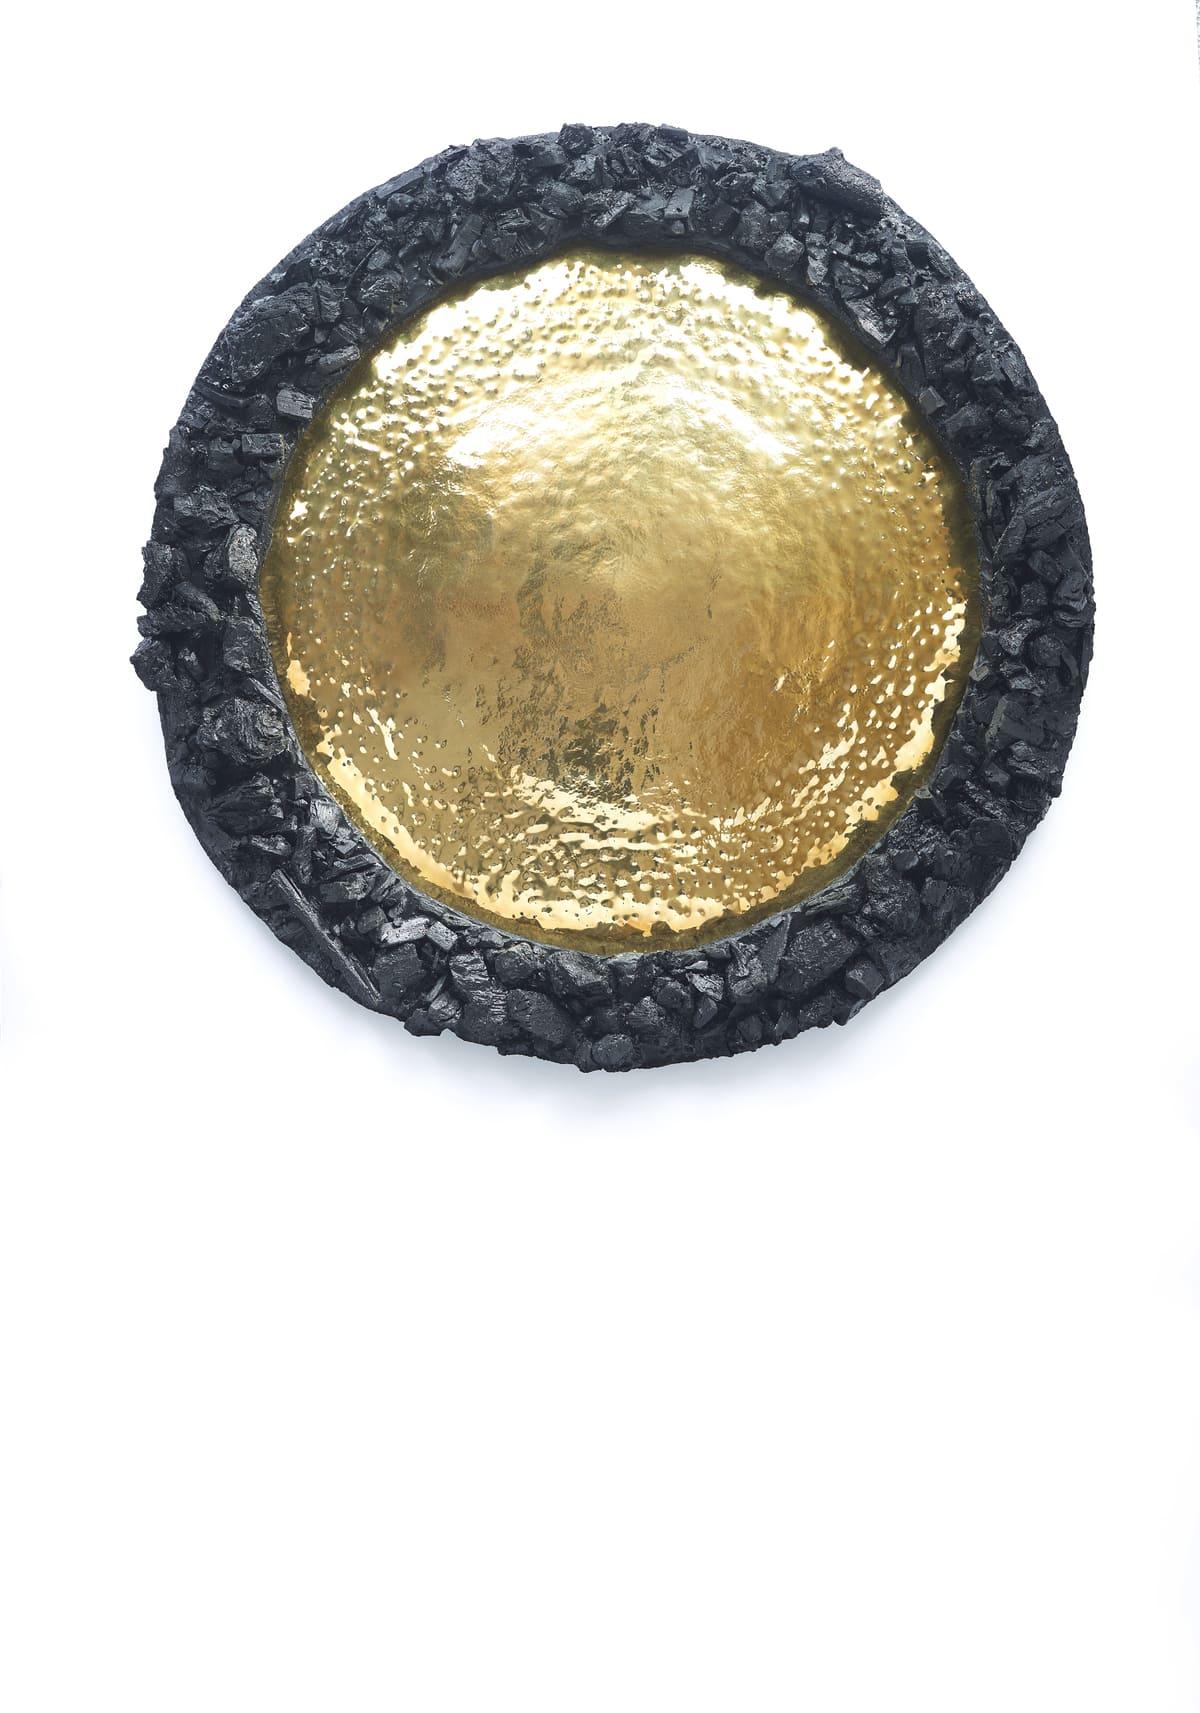 Présentation de l'oeuvre murale Carbon Rock Gold Sun, de l'artiste contemporain Frédéric Naud